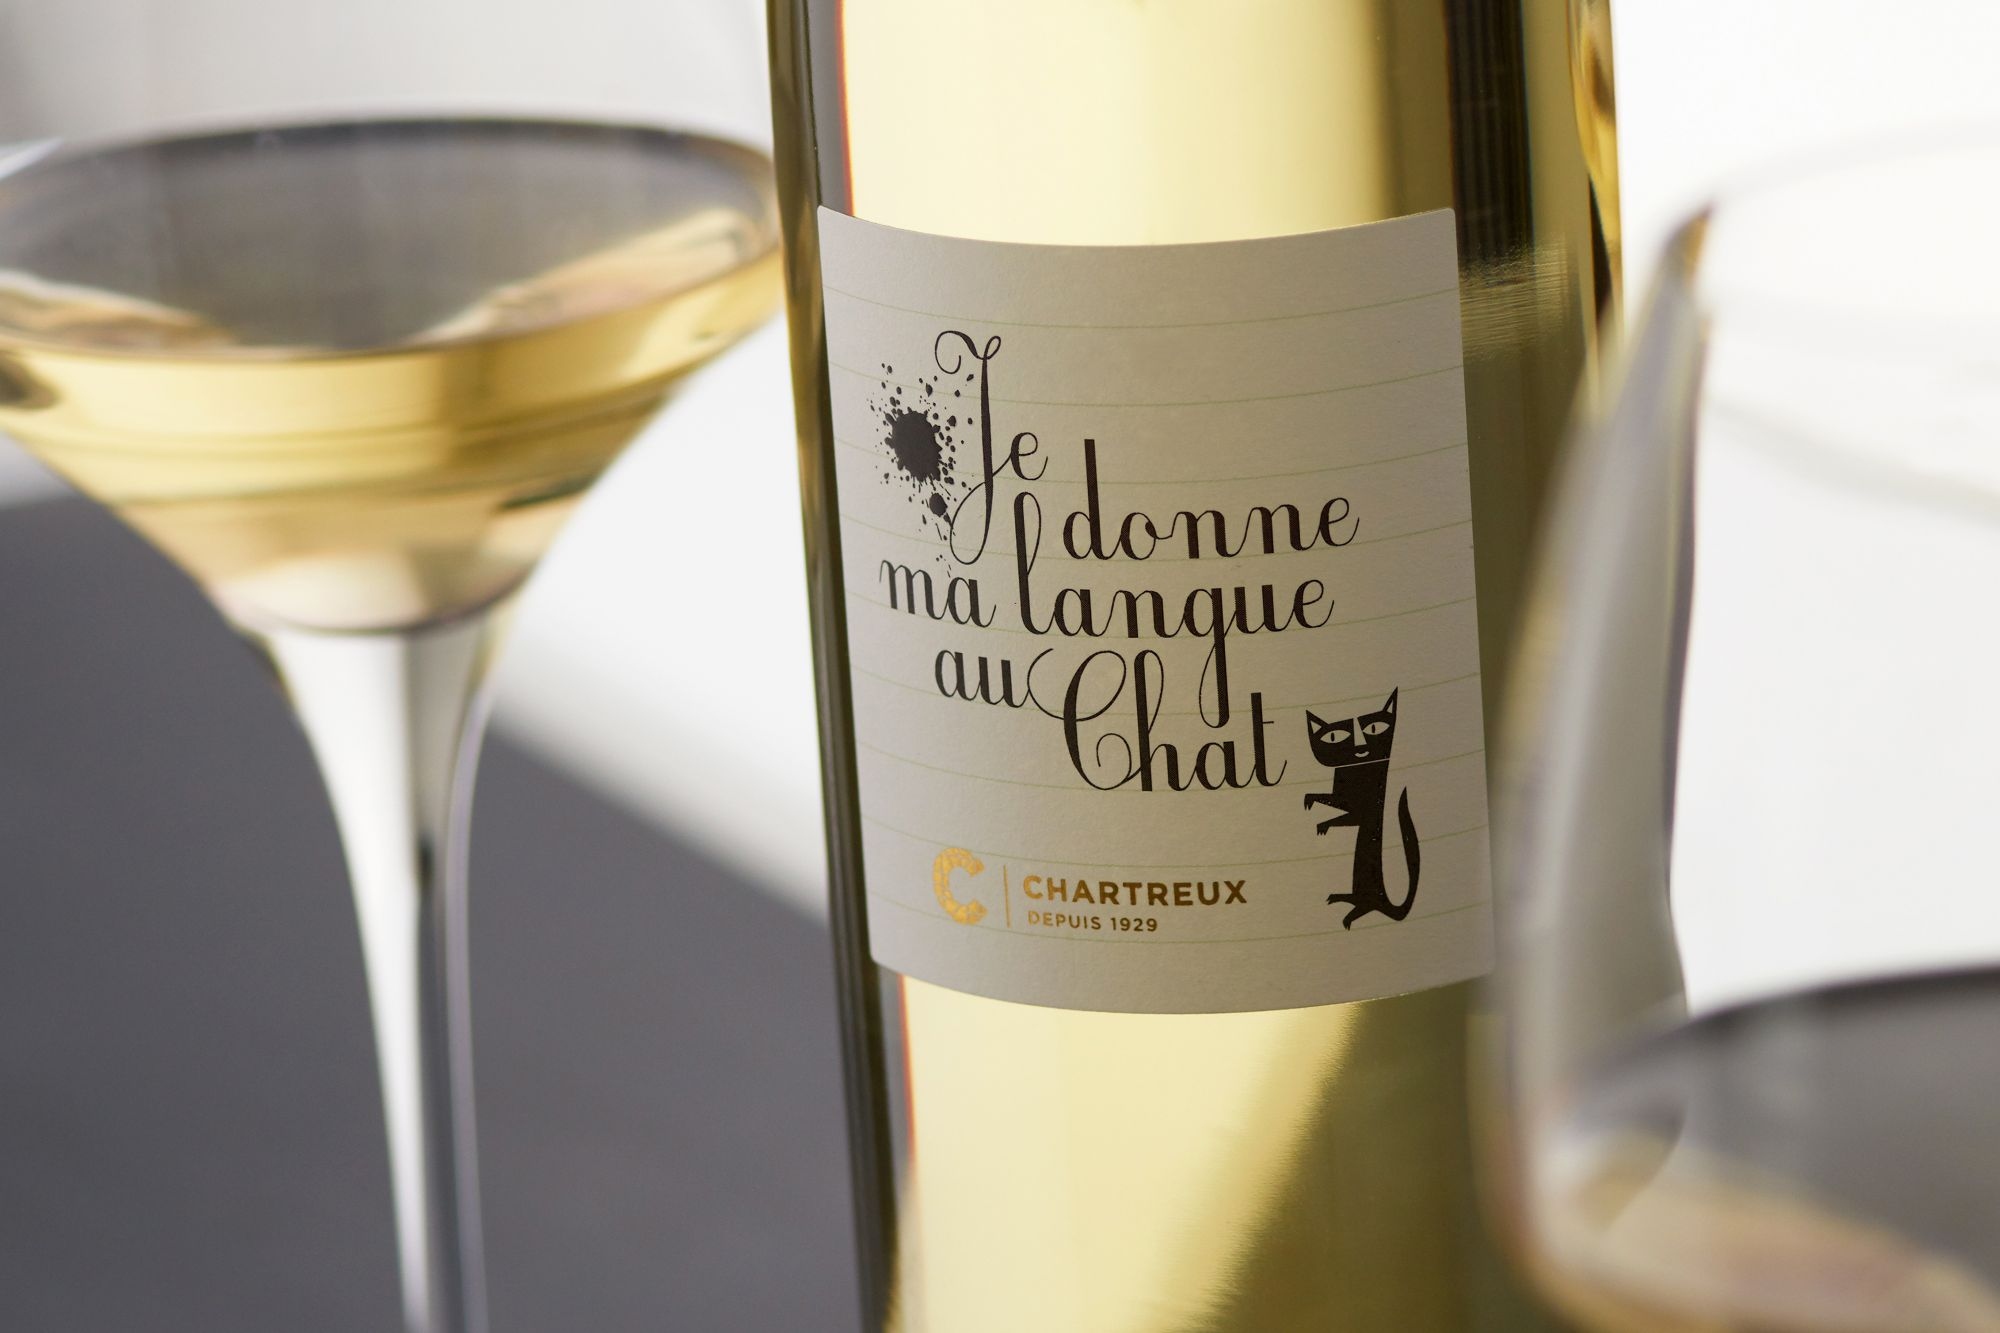 cellier_des_chartreux_langue-au-chat-gewurztraminer-viognier-blanc